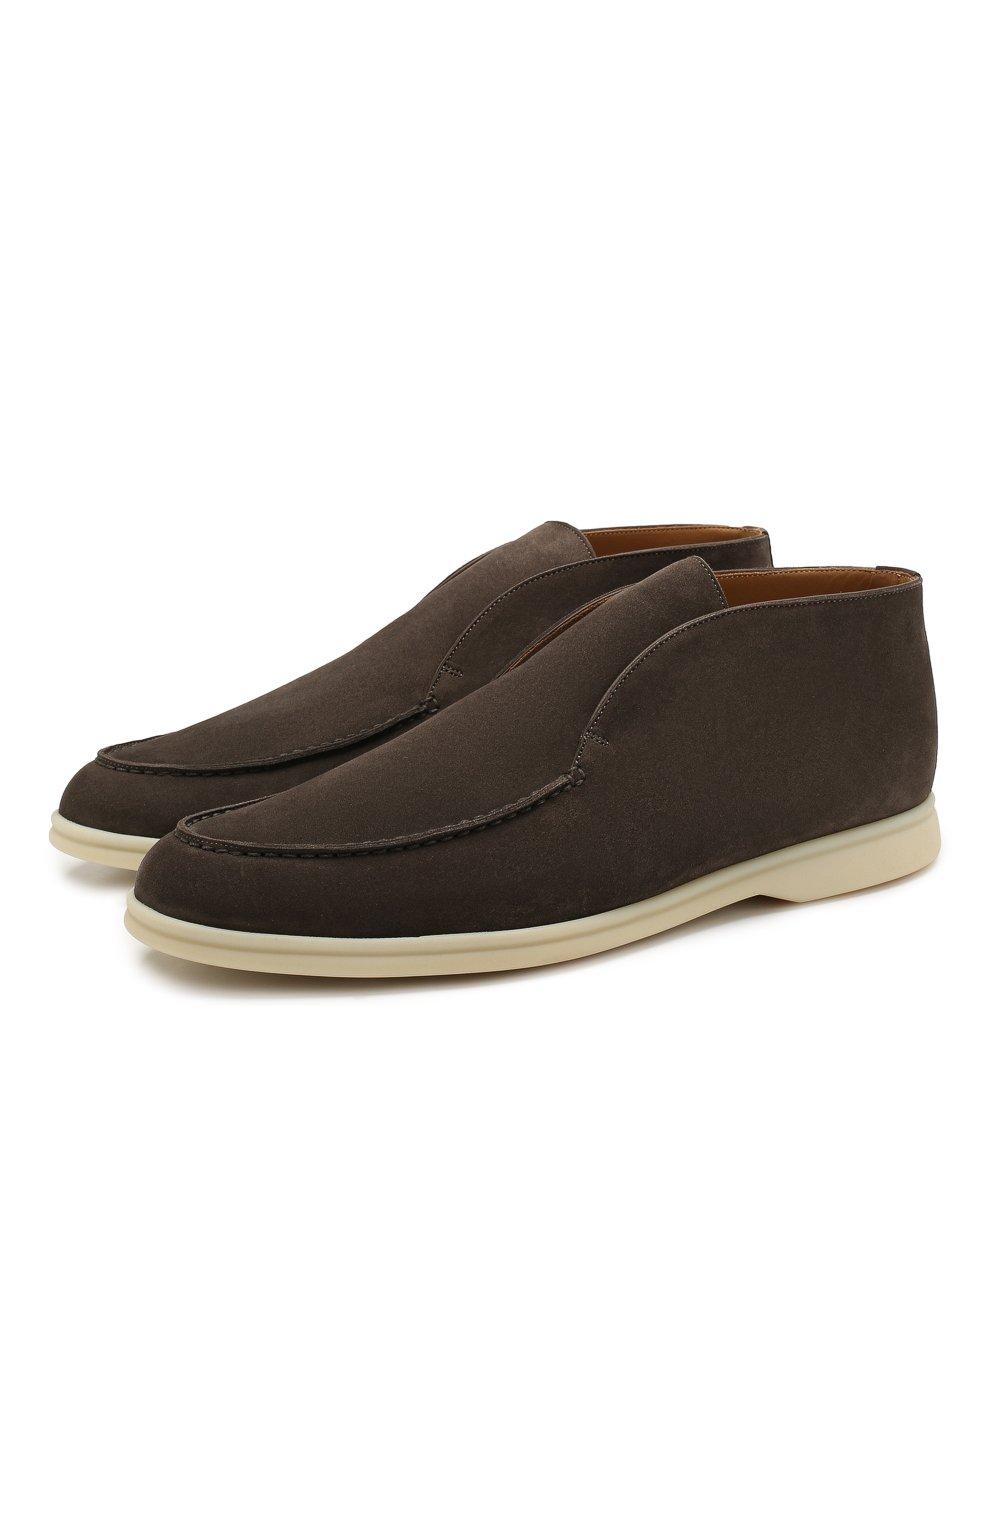 Мужские замшевые ботинки open walk LORO PIANA коричневого цвета, арт. FAB4368   Фото 1 (Мужское Кросс-КТ: Ботинки-обувь; Материал внутренний: Натуральная кожа; Подошва: Плоская; Материал внешний: Замша)